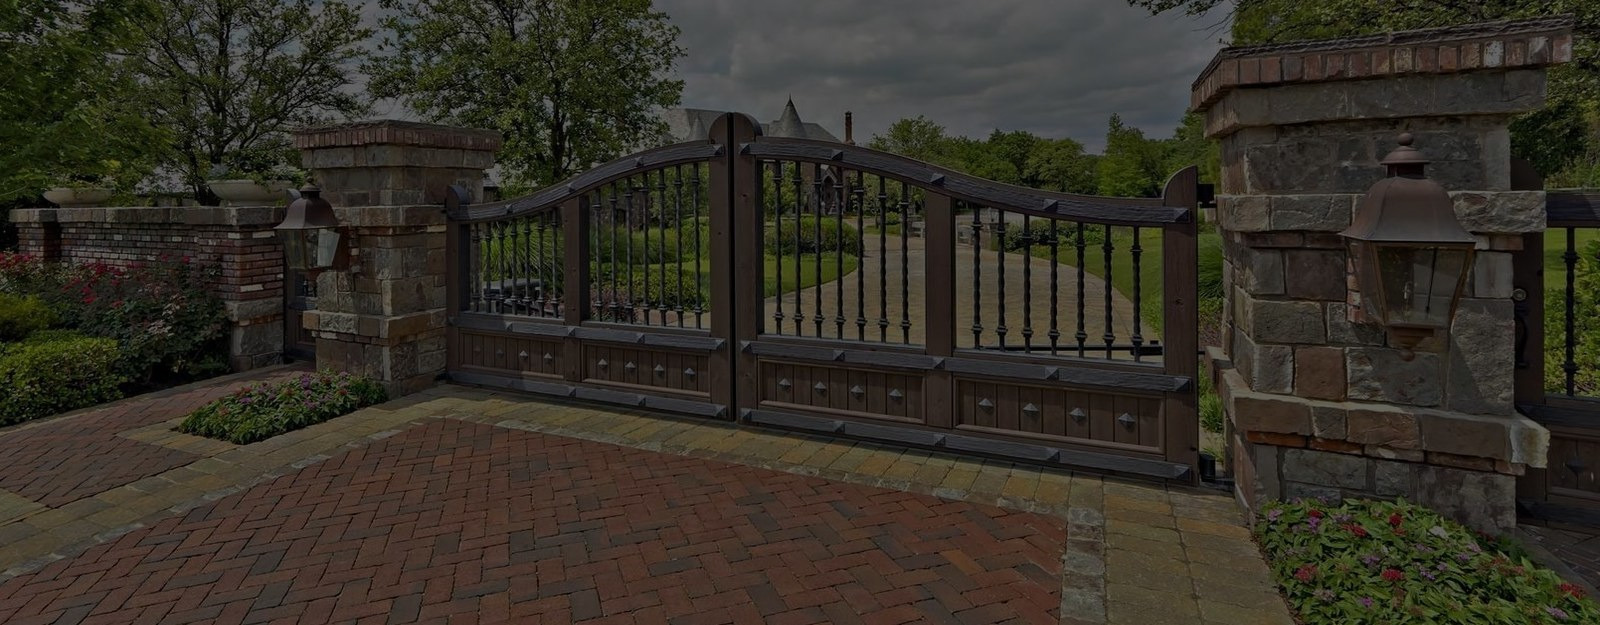 Automatic Gate Repair Herriman